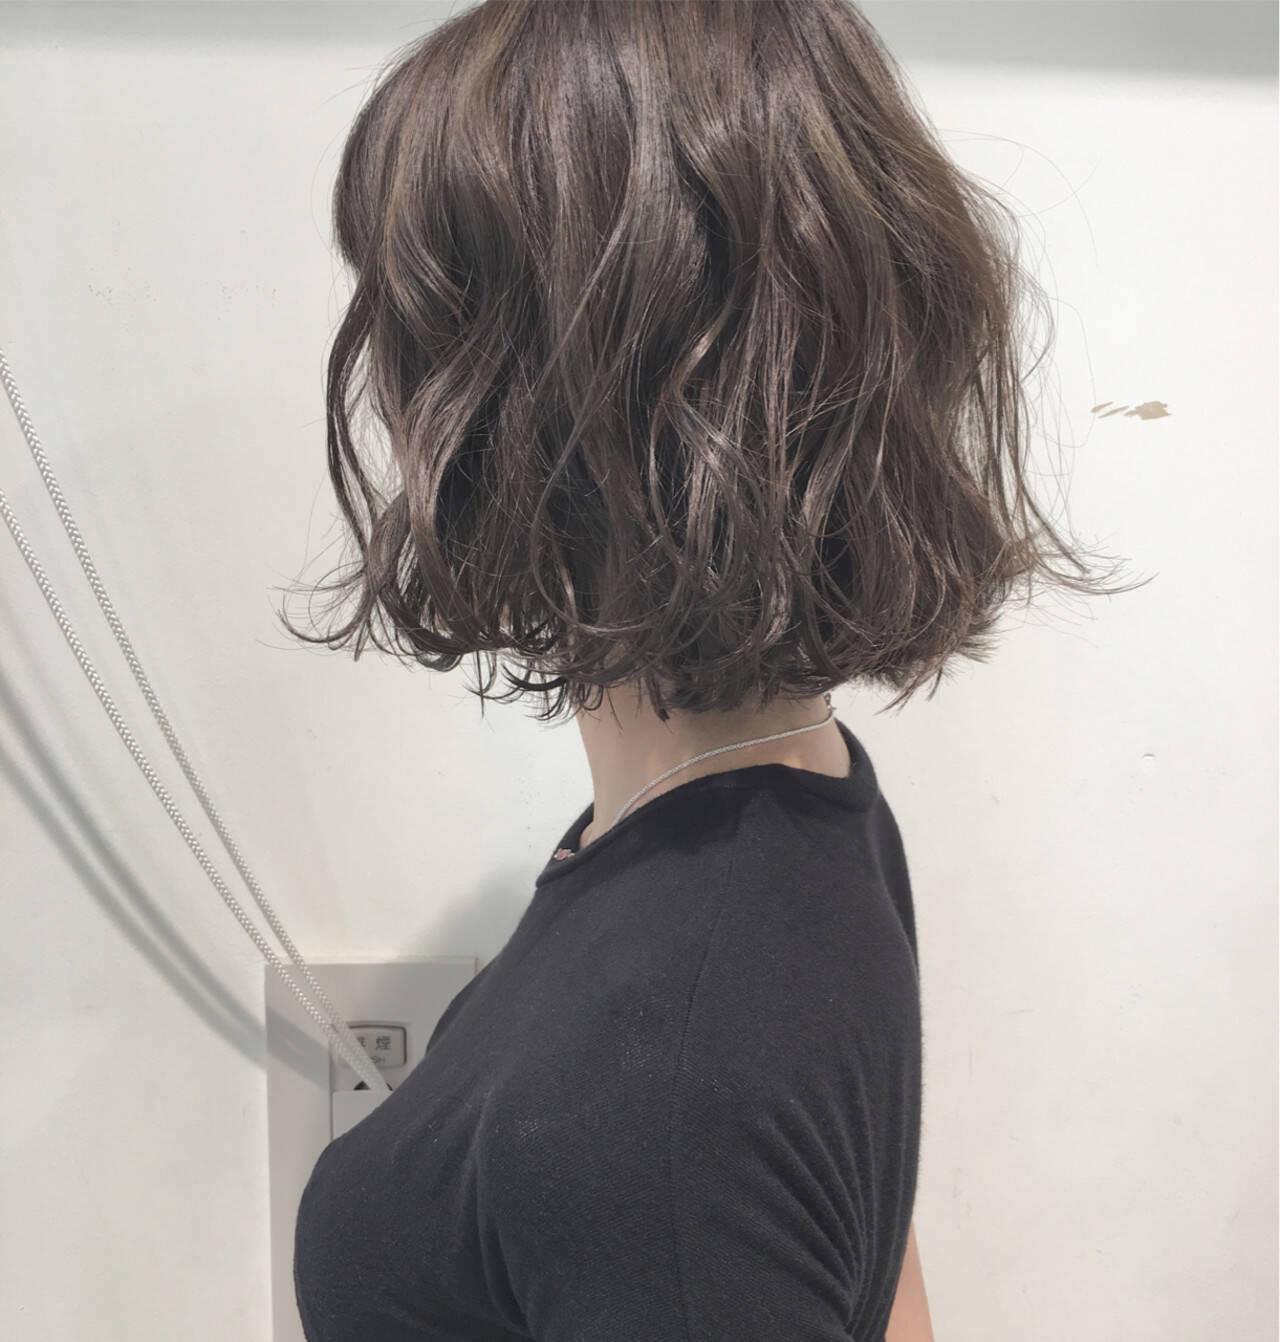 透明感 パーマ ナチュラル ボブヘアスタイルや髪型の写真・画像